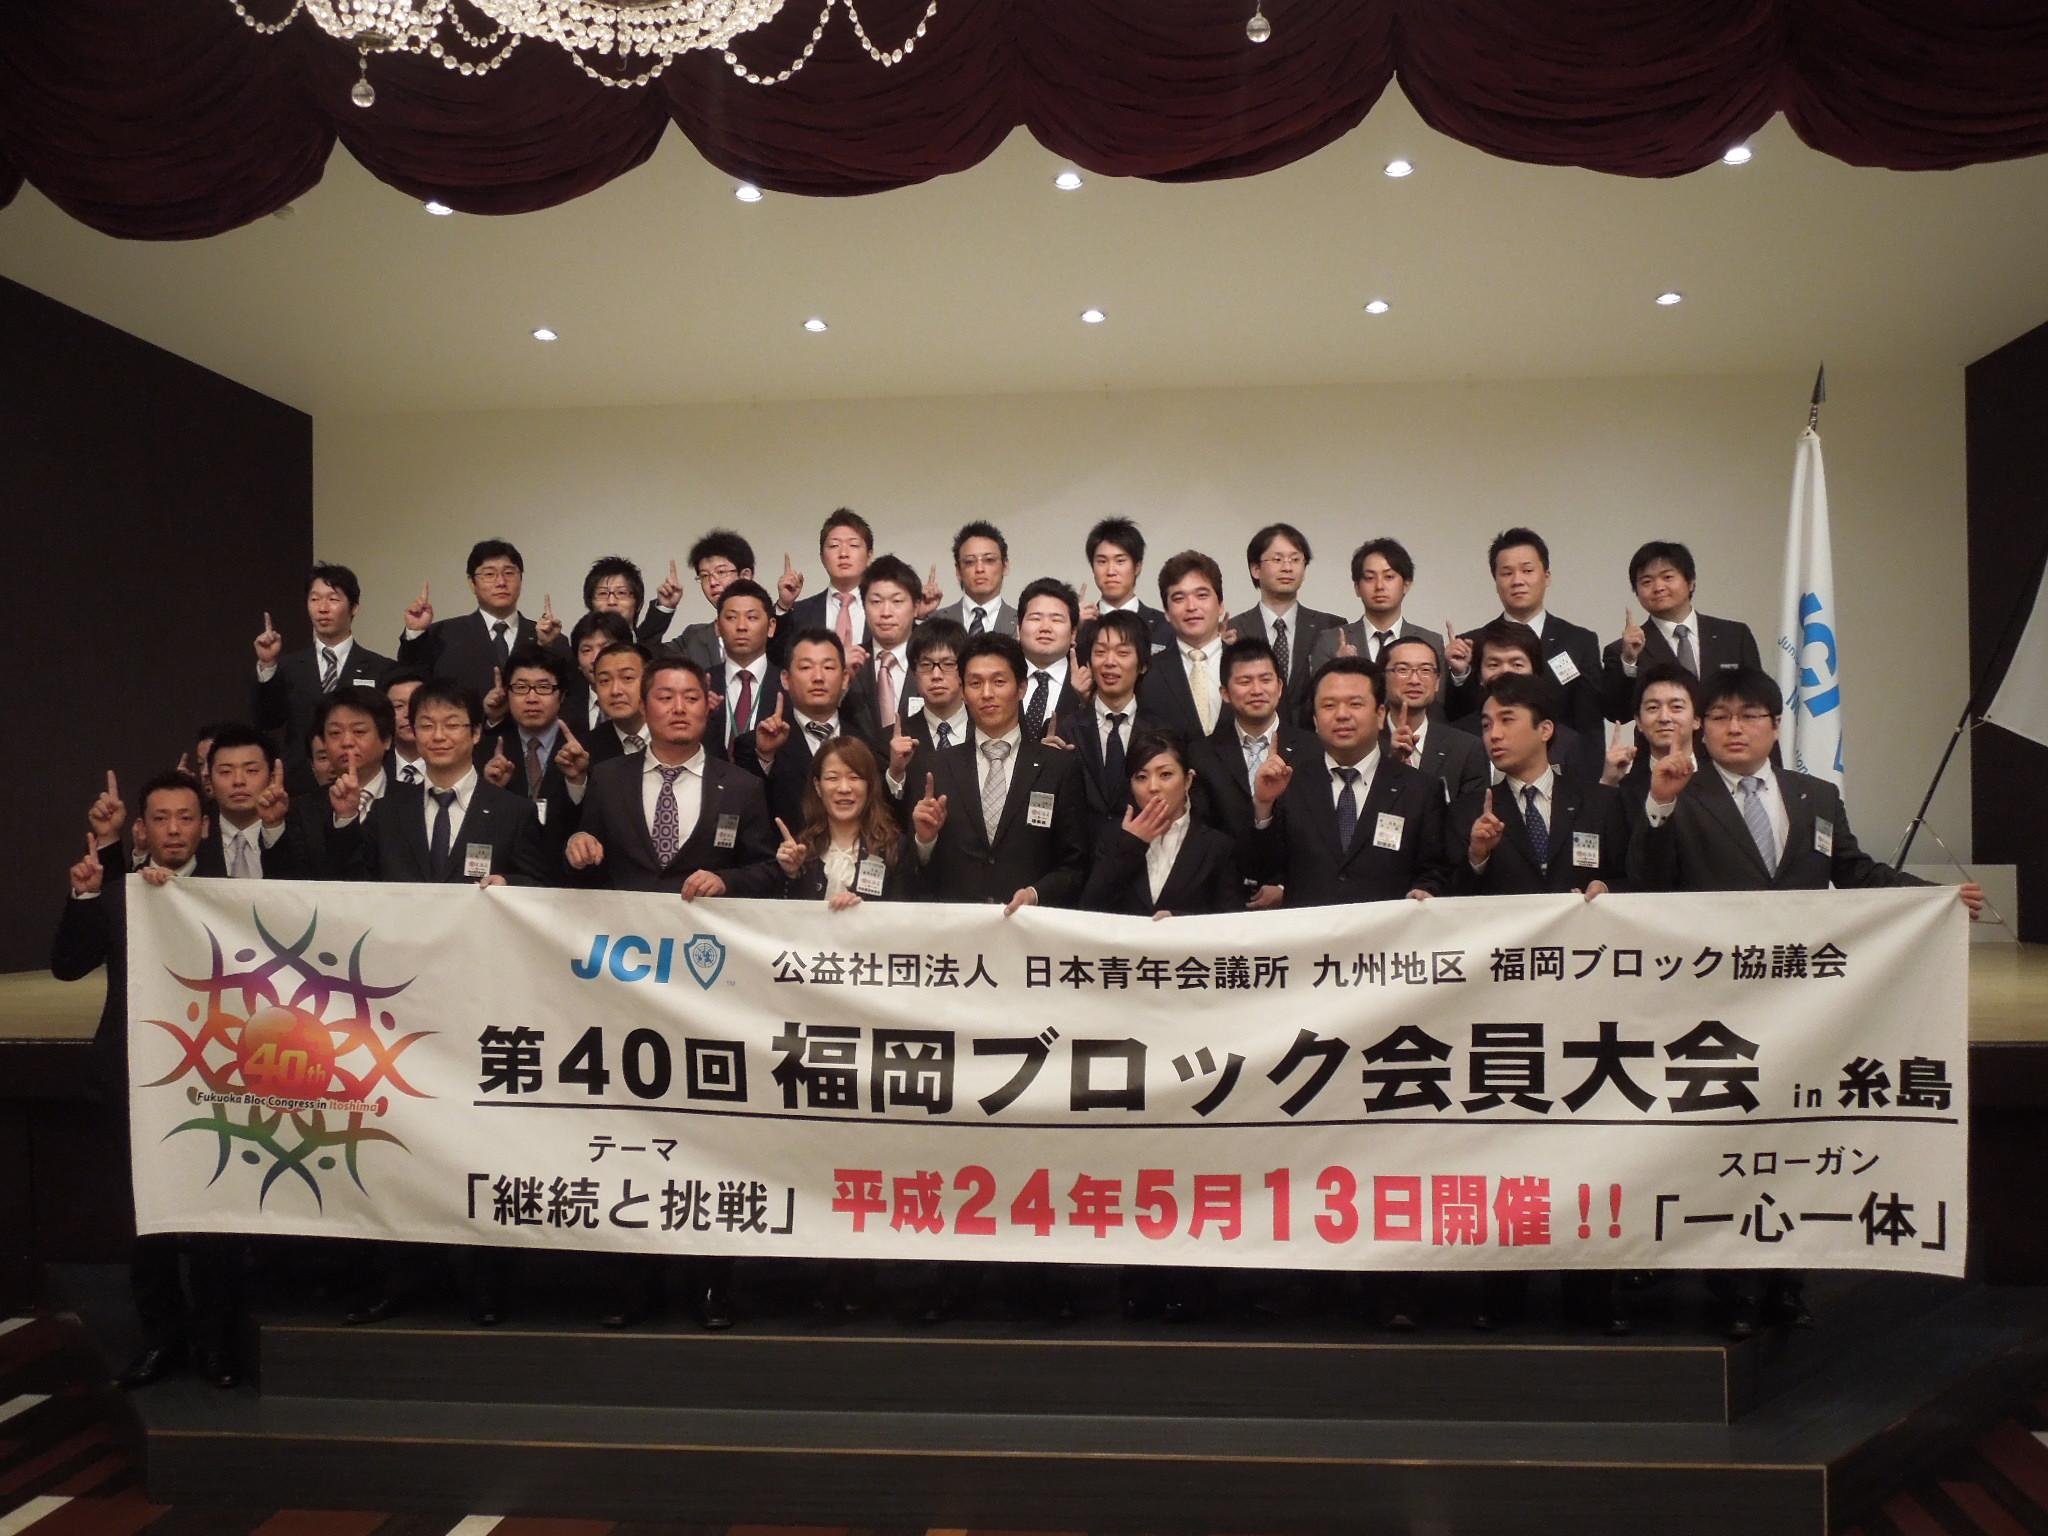 http://www.munakatajc.com/active/DSCN0649.JPG